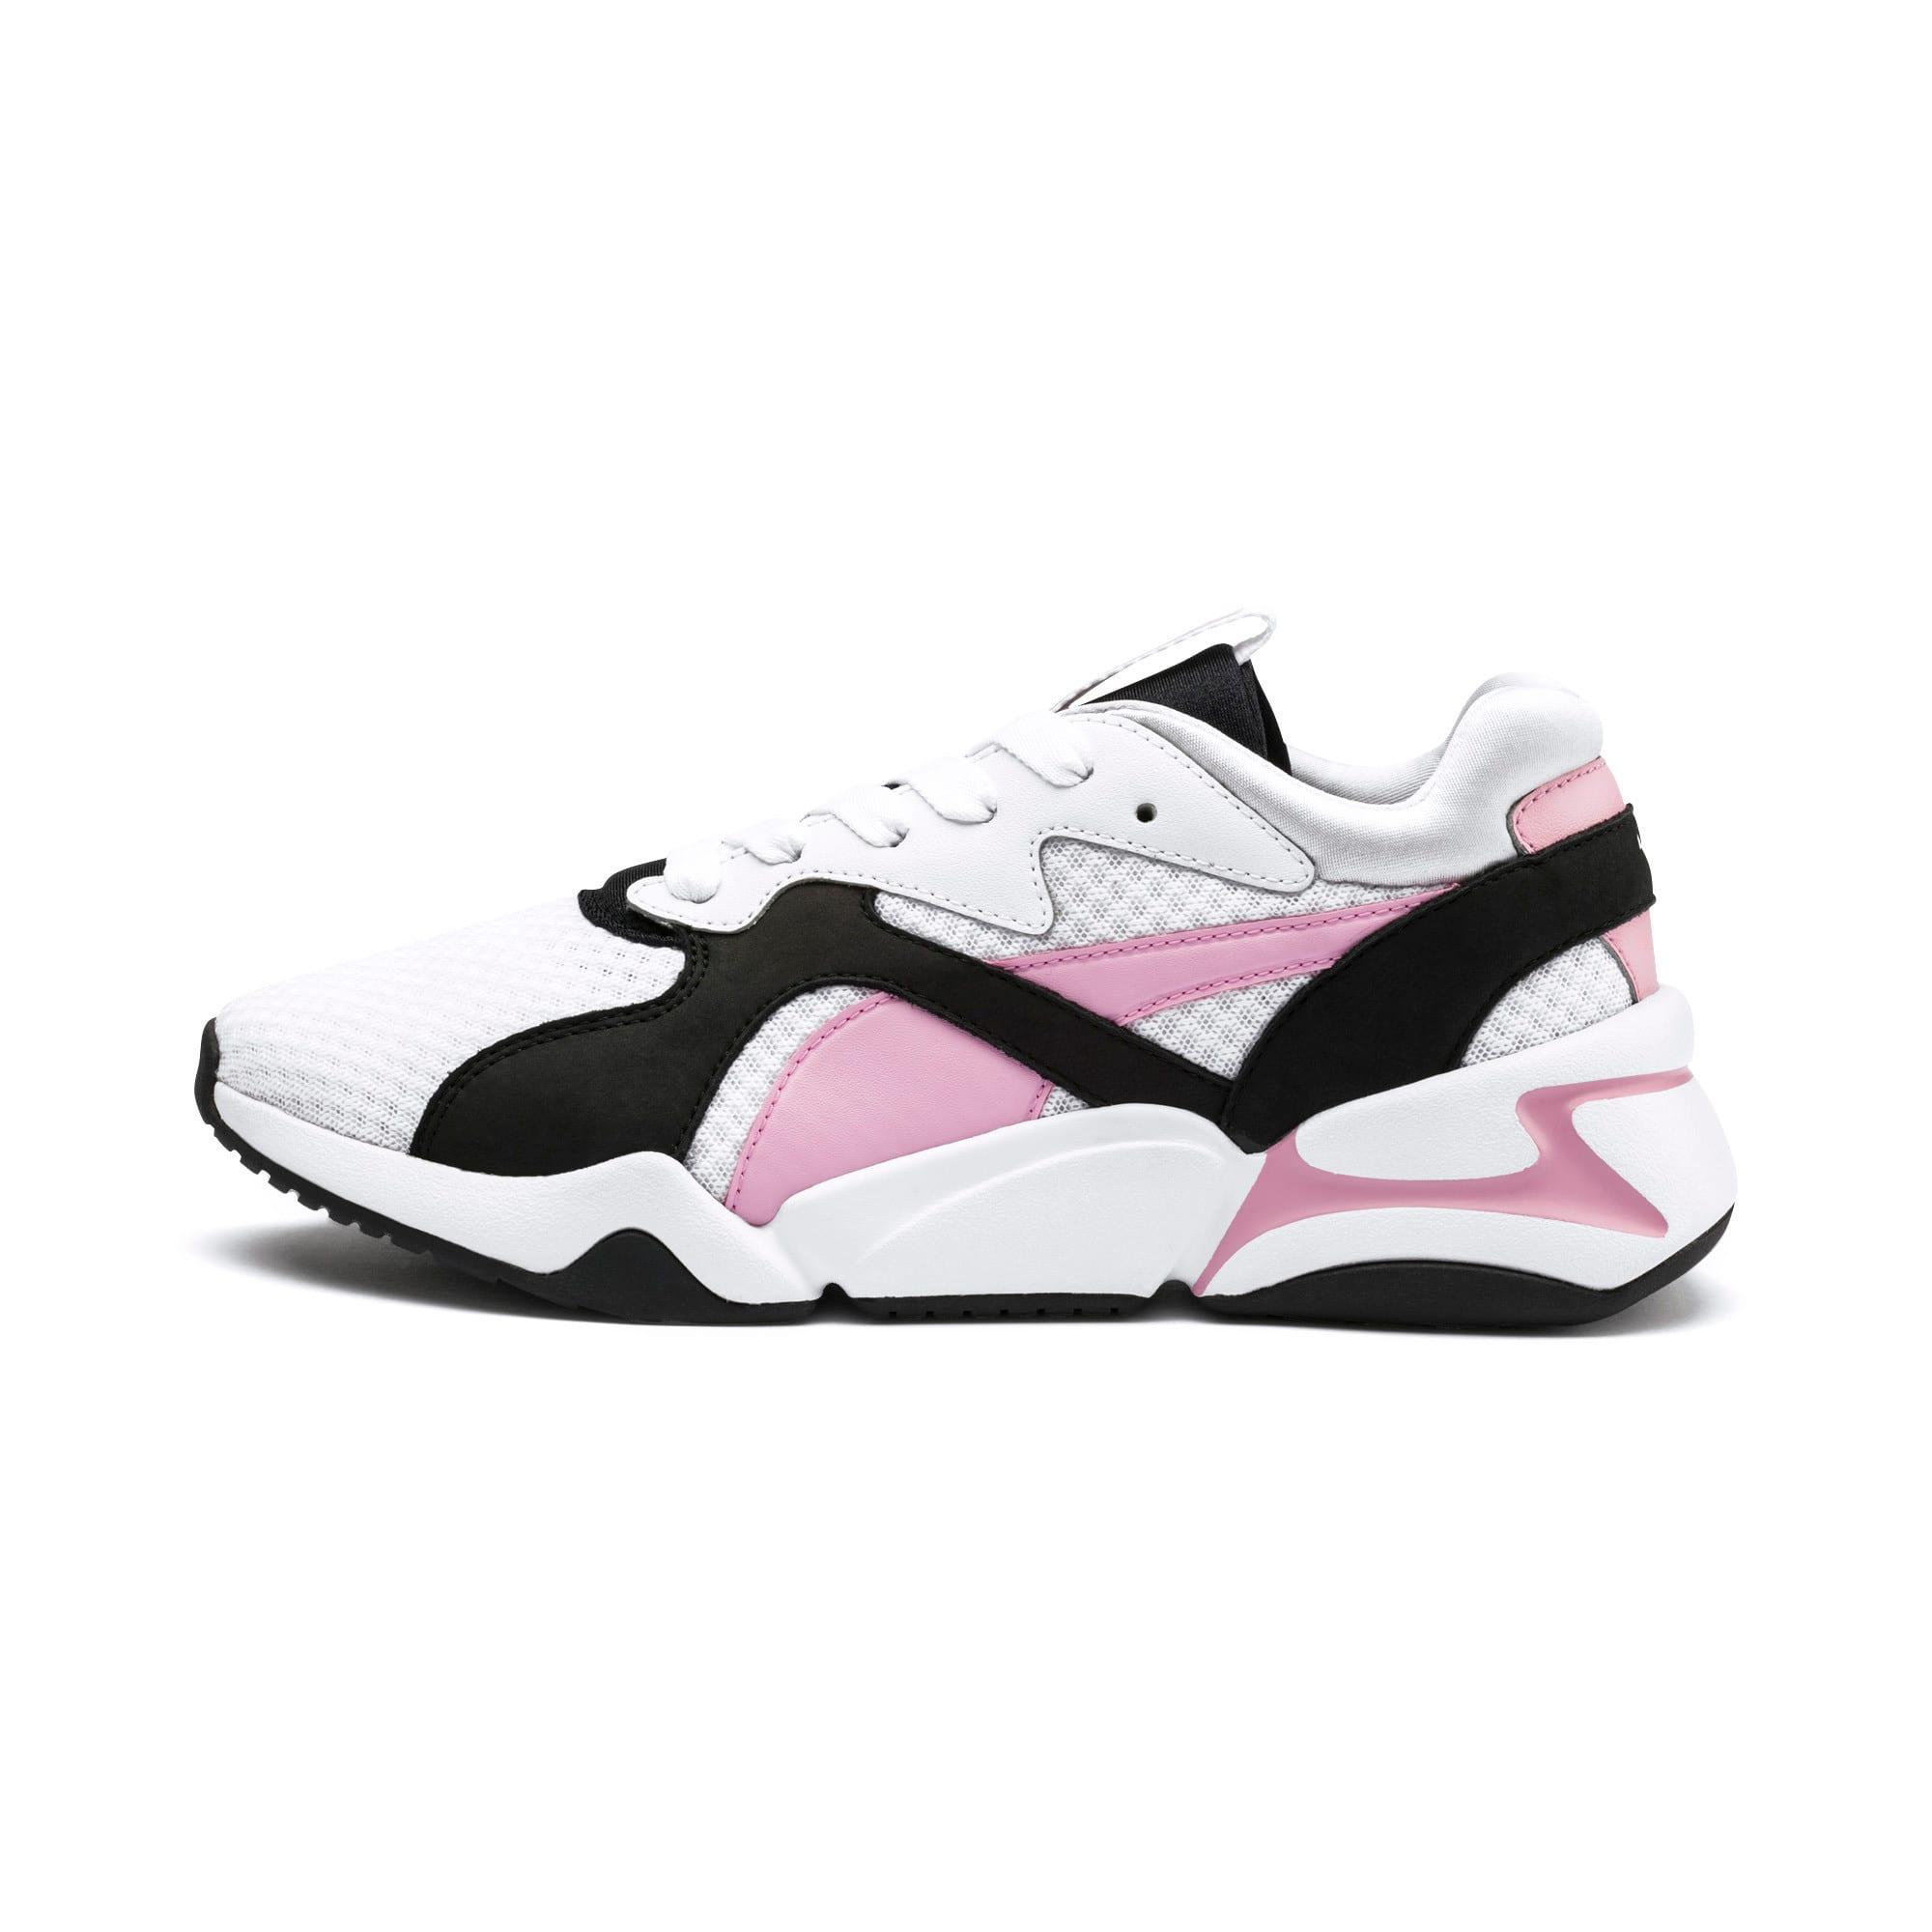 Miniatura 1 de Zapatos deportivos Nova '90s Bloc para mujer, Puma White-Pale Pink, mediano